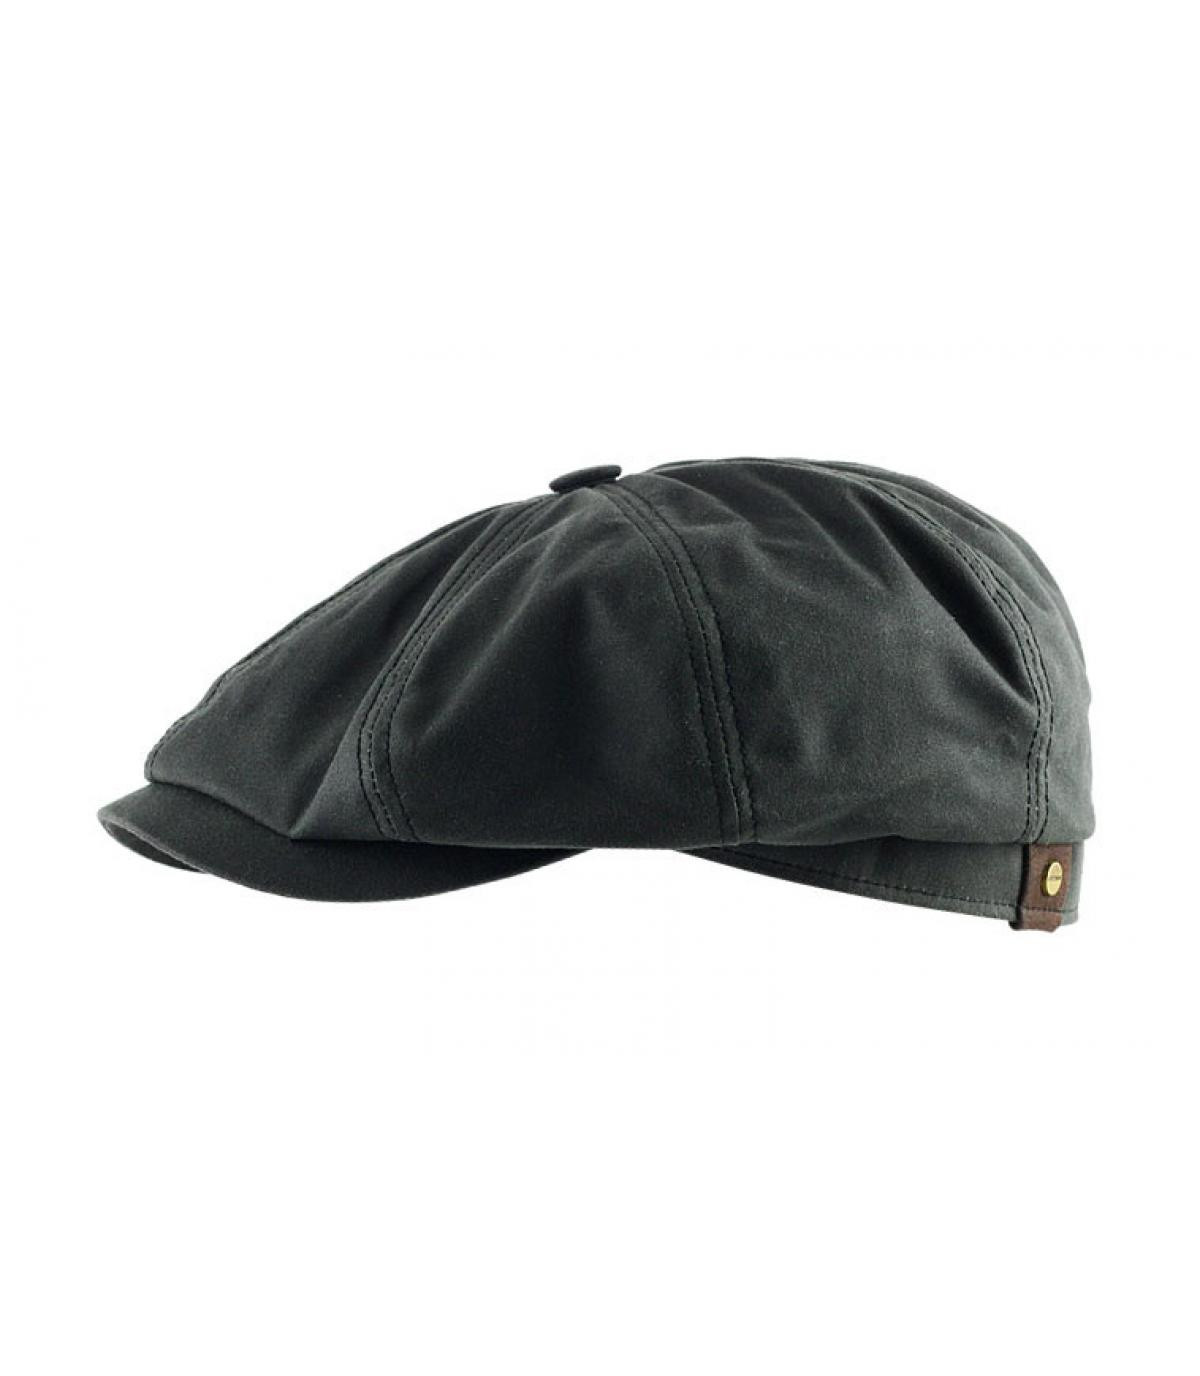 Casquette Hatteras noire